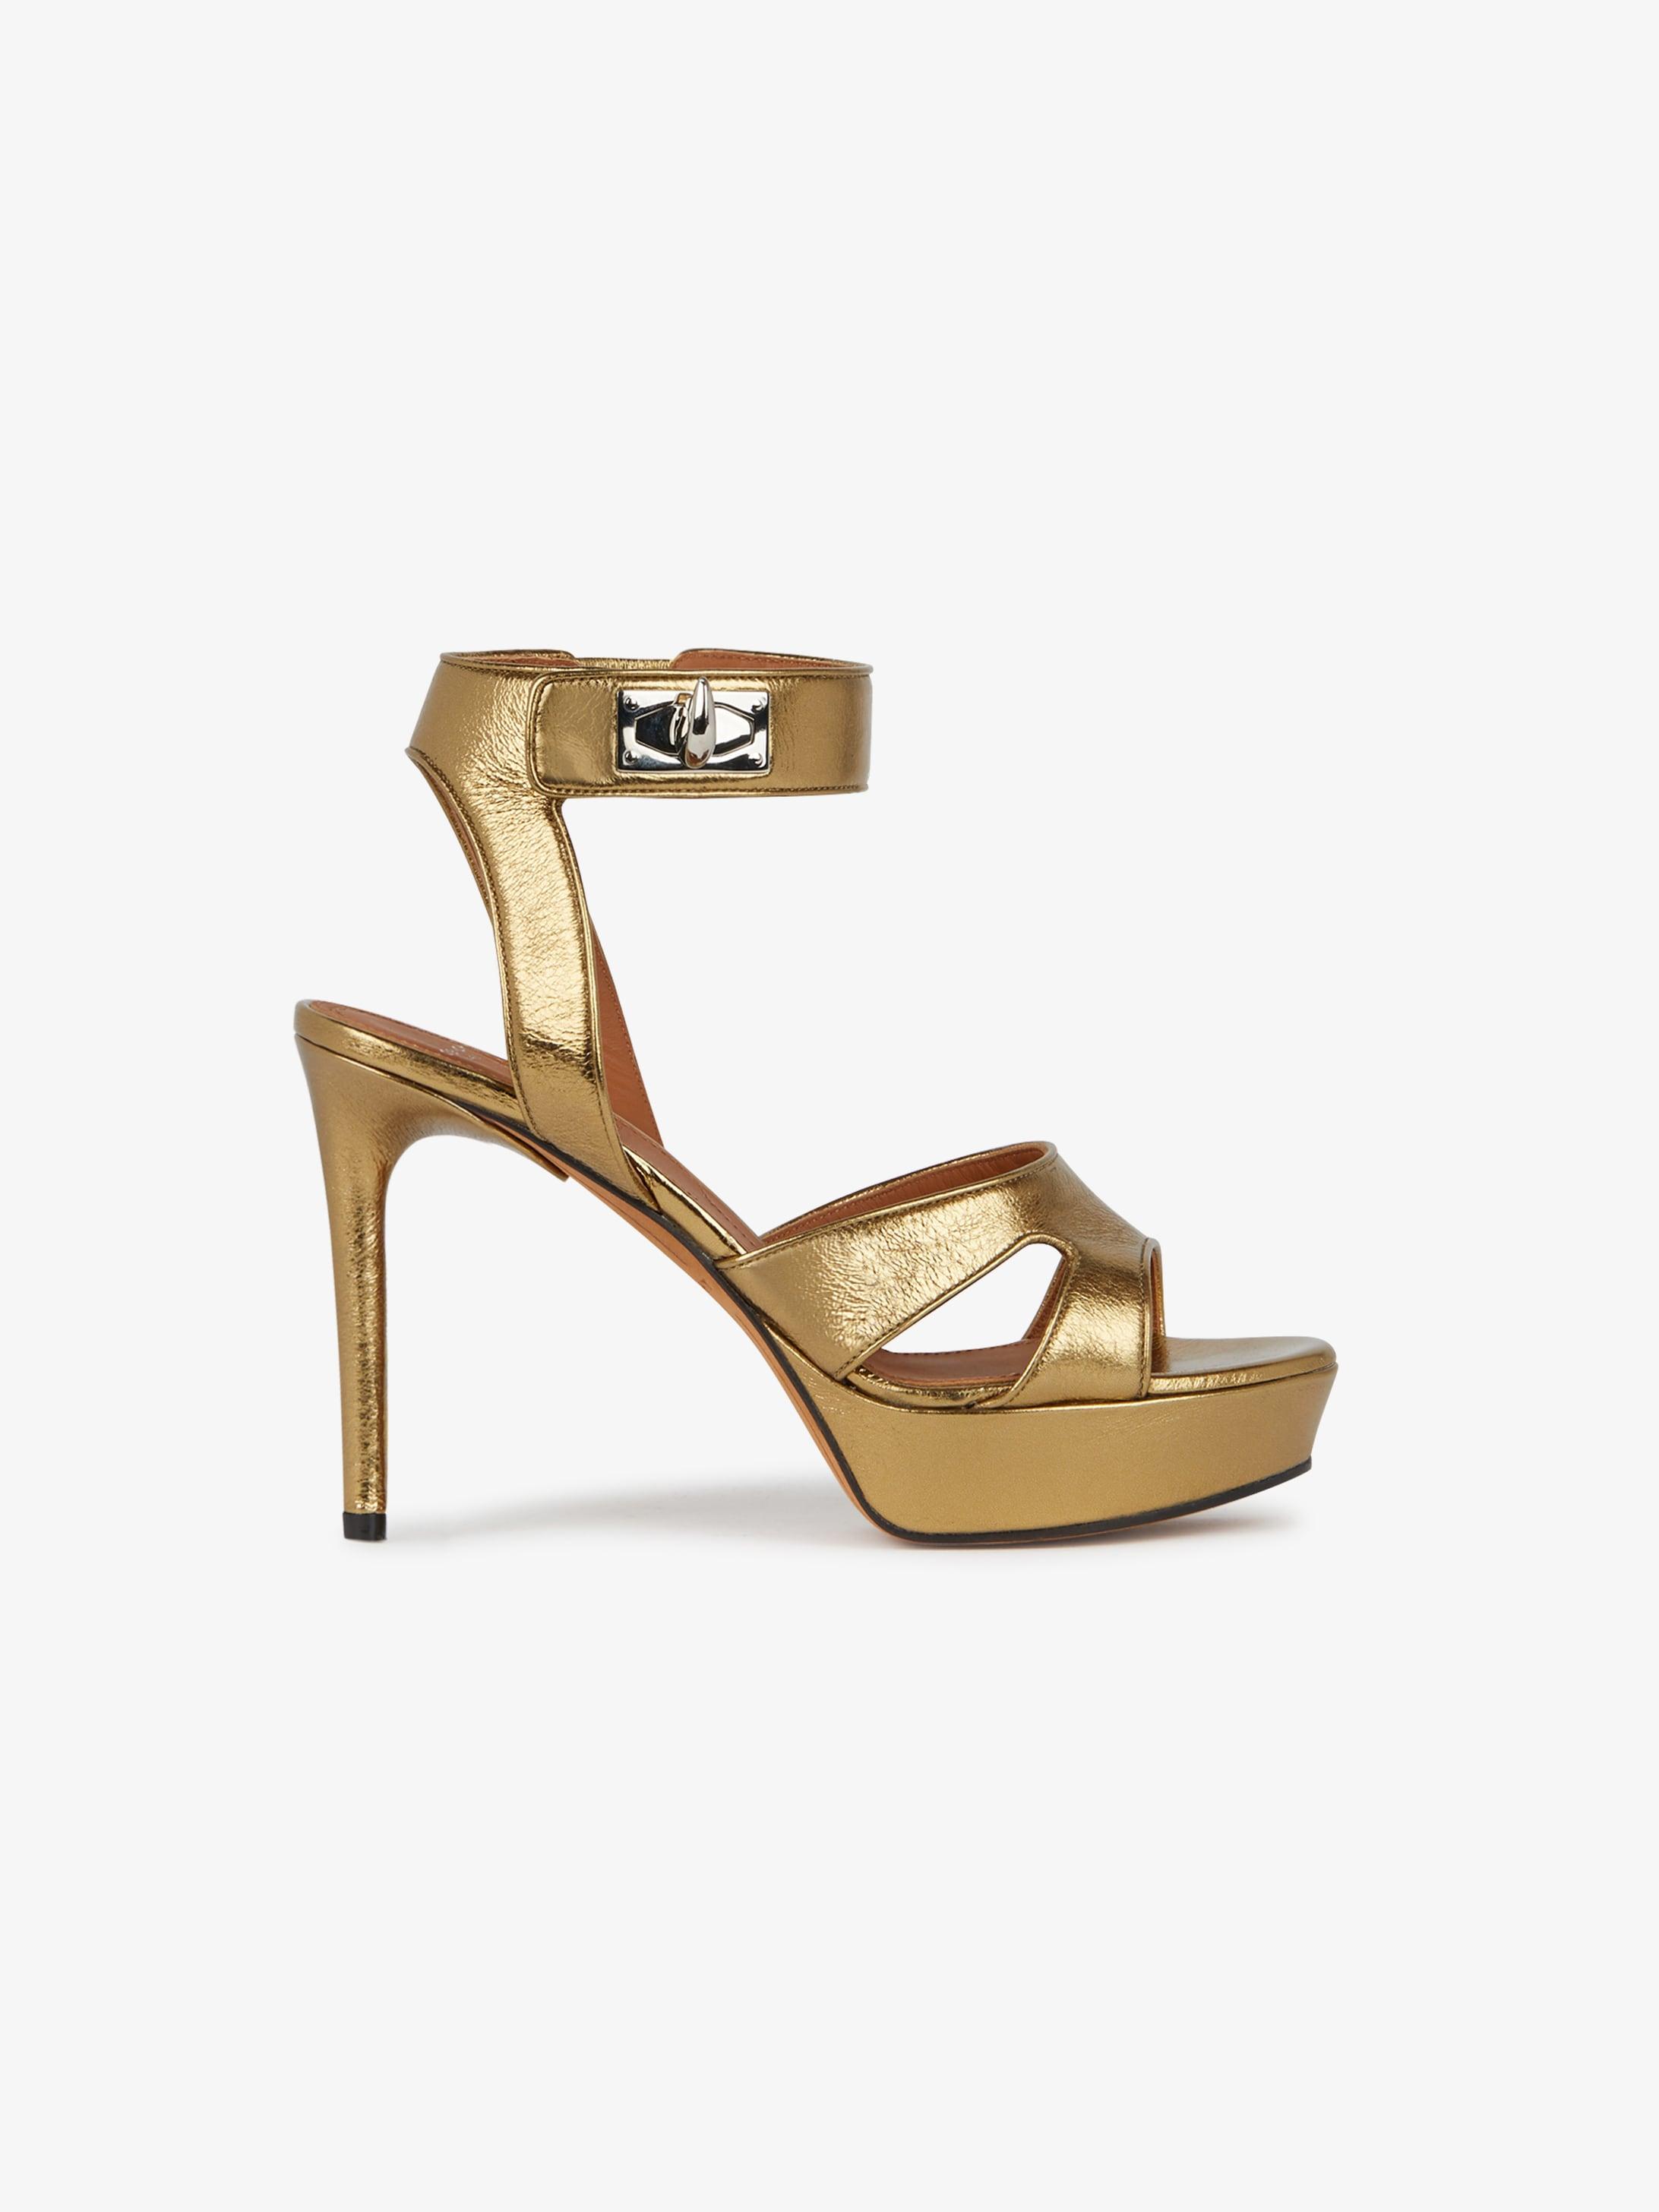 aa7e5461f52 Shark Lock sandals in metallic leather